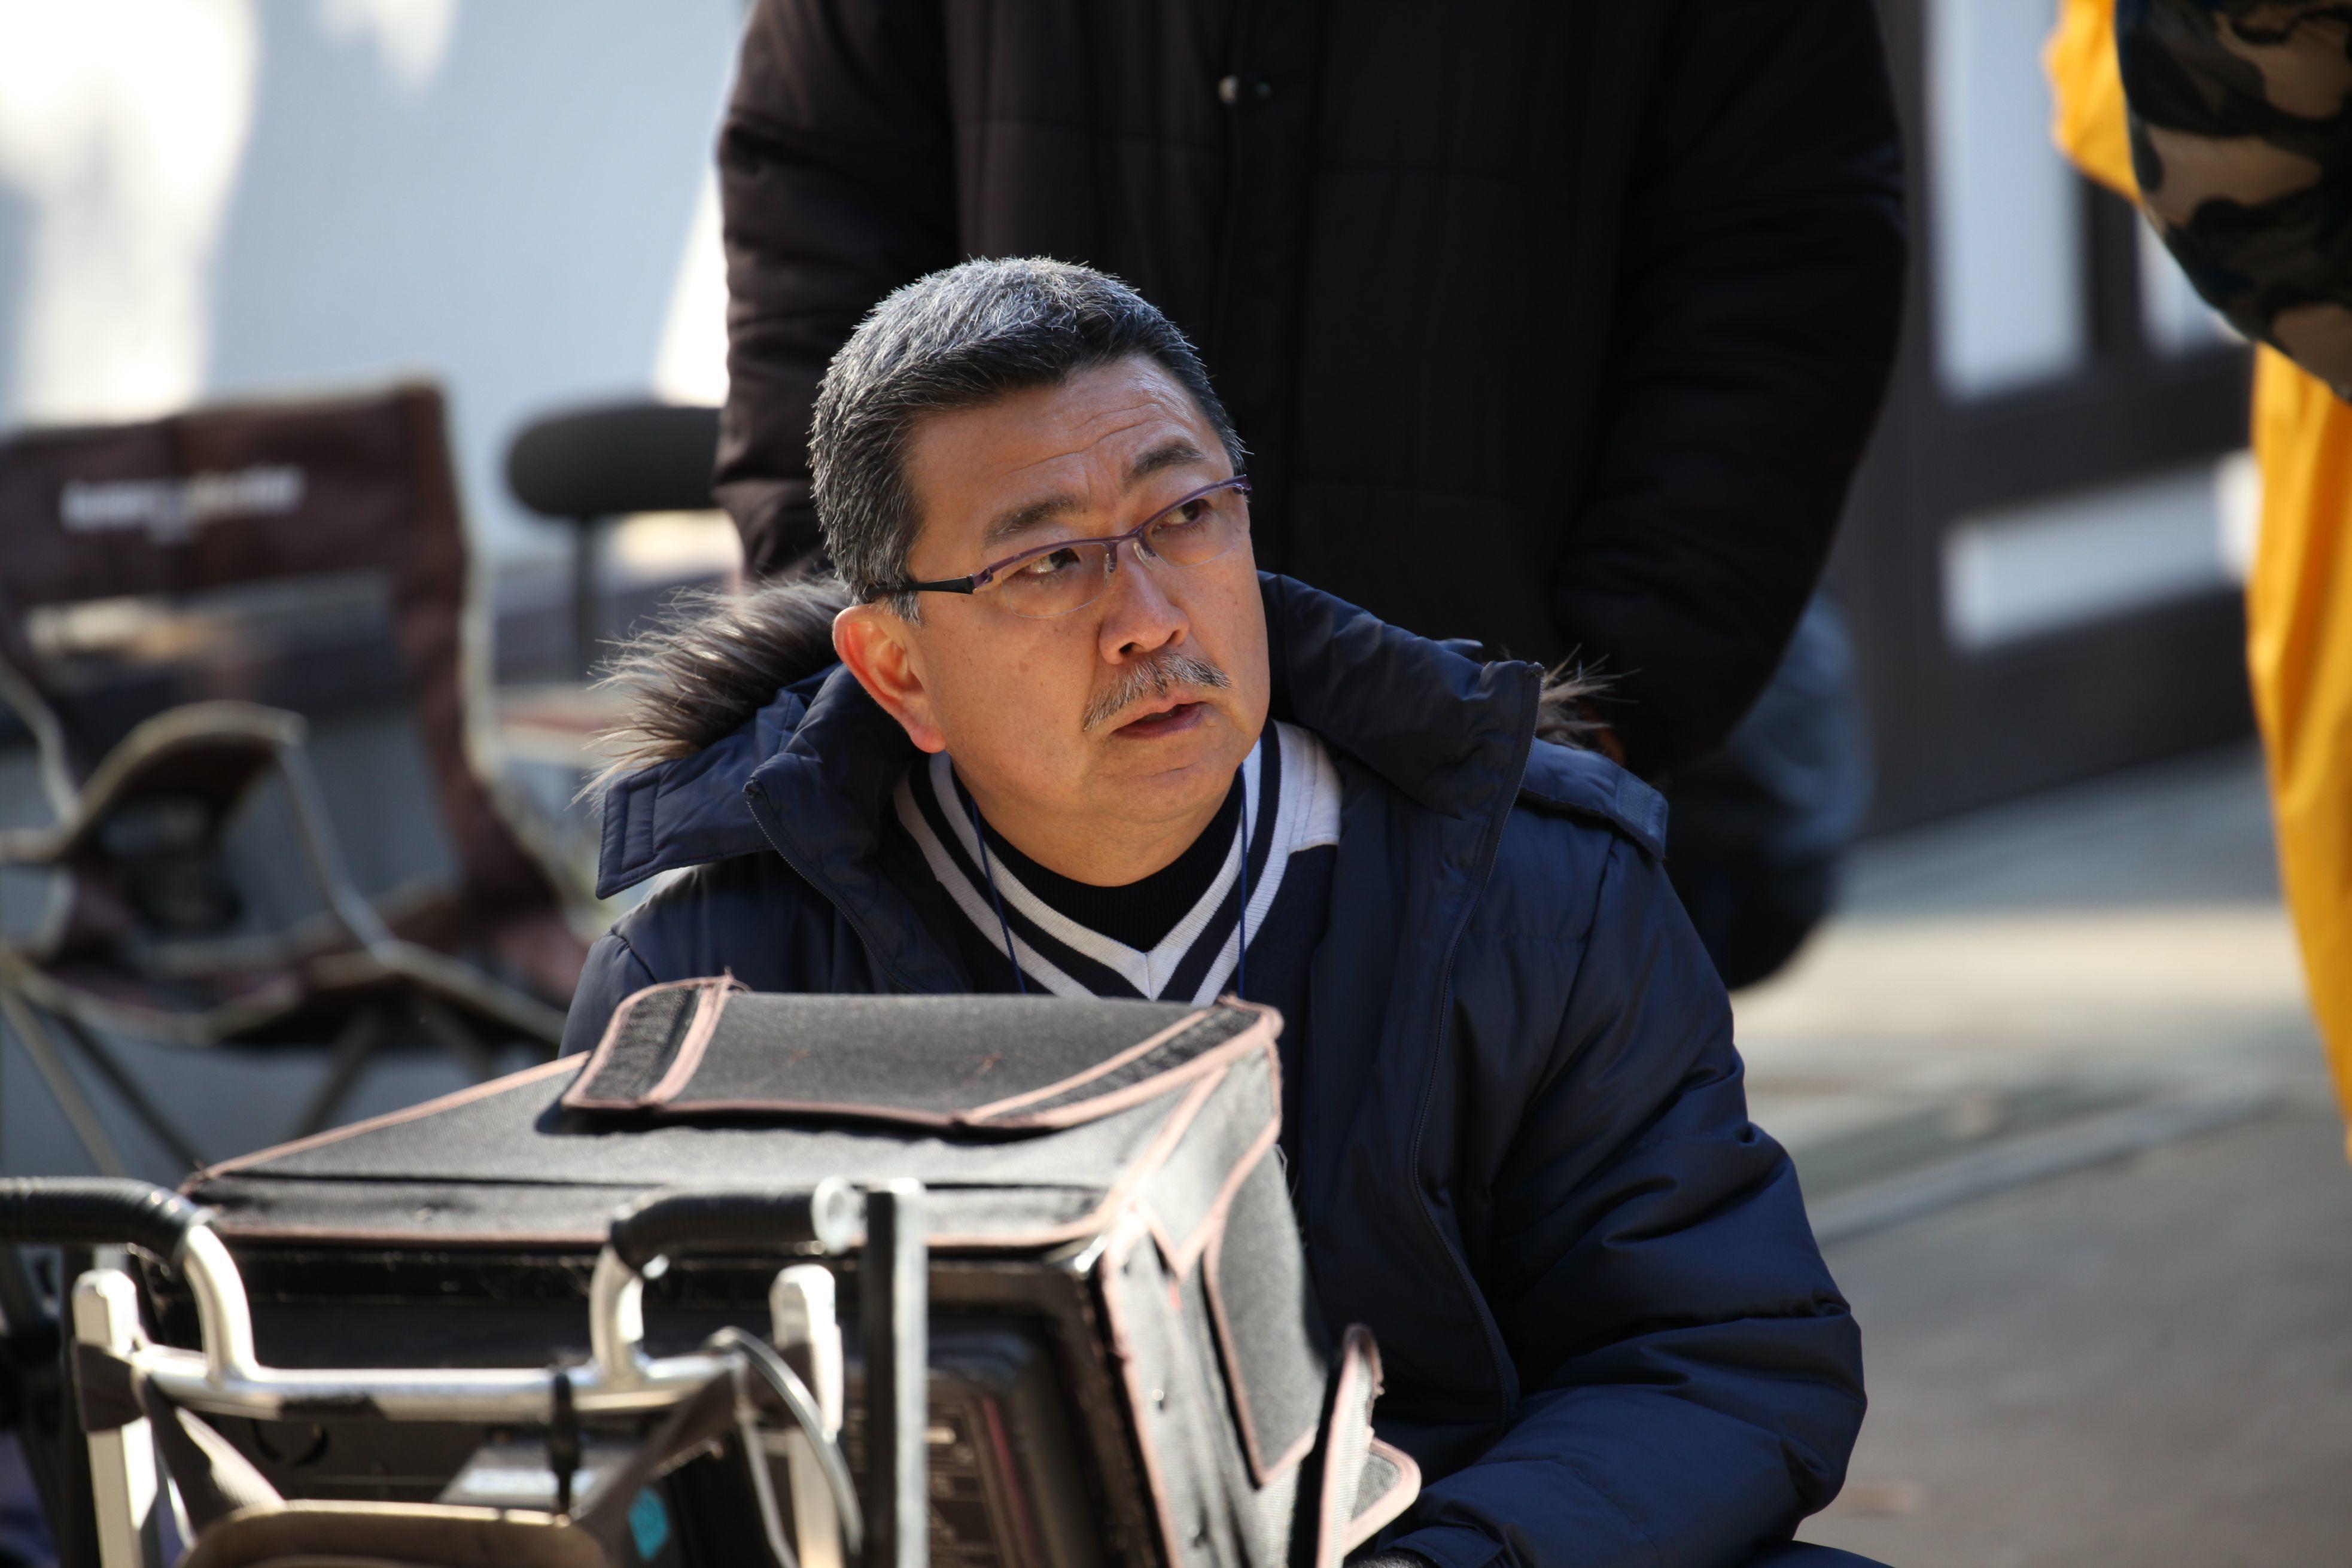 高瀬将嗣監督は『ビーバップ・ハイスクール』からリュック・ベッソン監督『WASABI』まで、殺陣師として数えきれないほどの作品に関わってきた